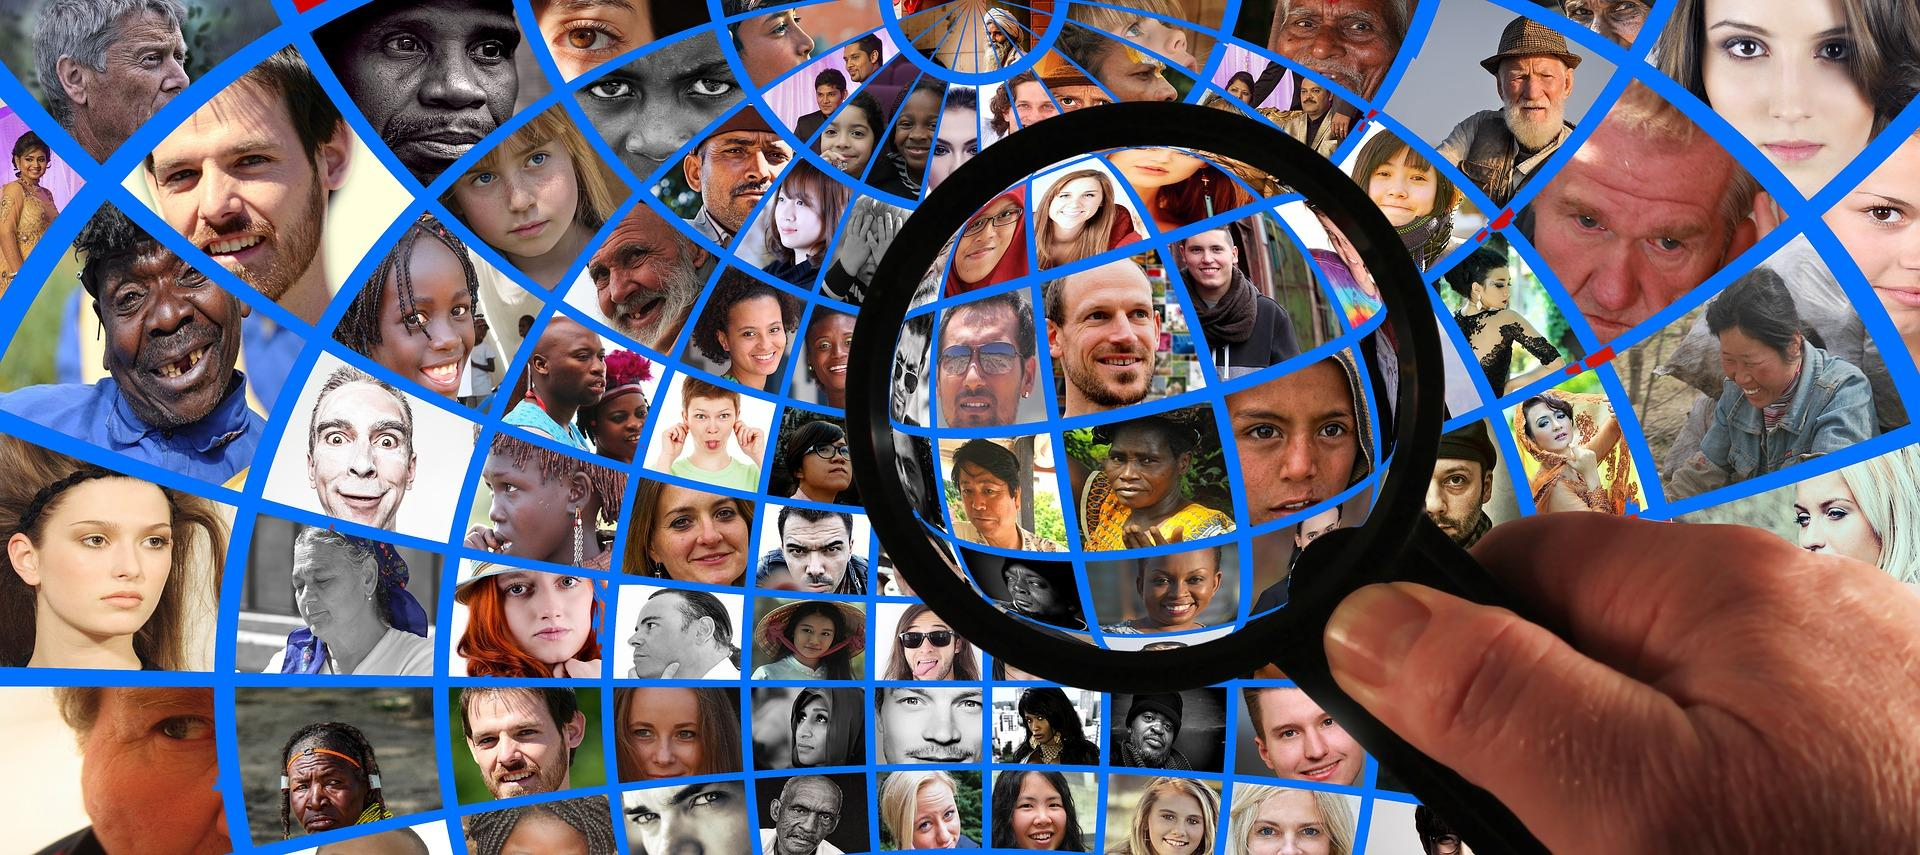 népszámlálás, emberek, megfigyelés